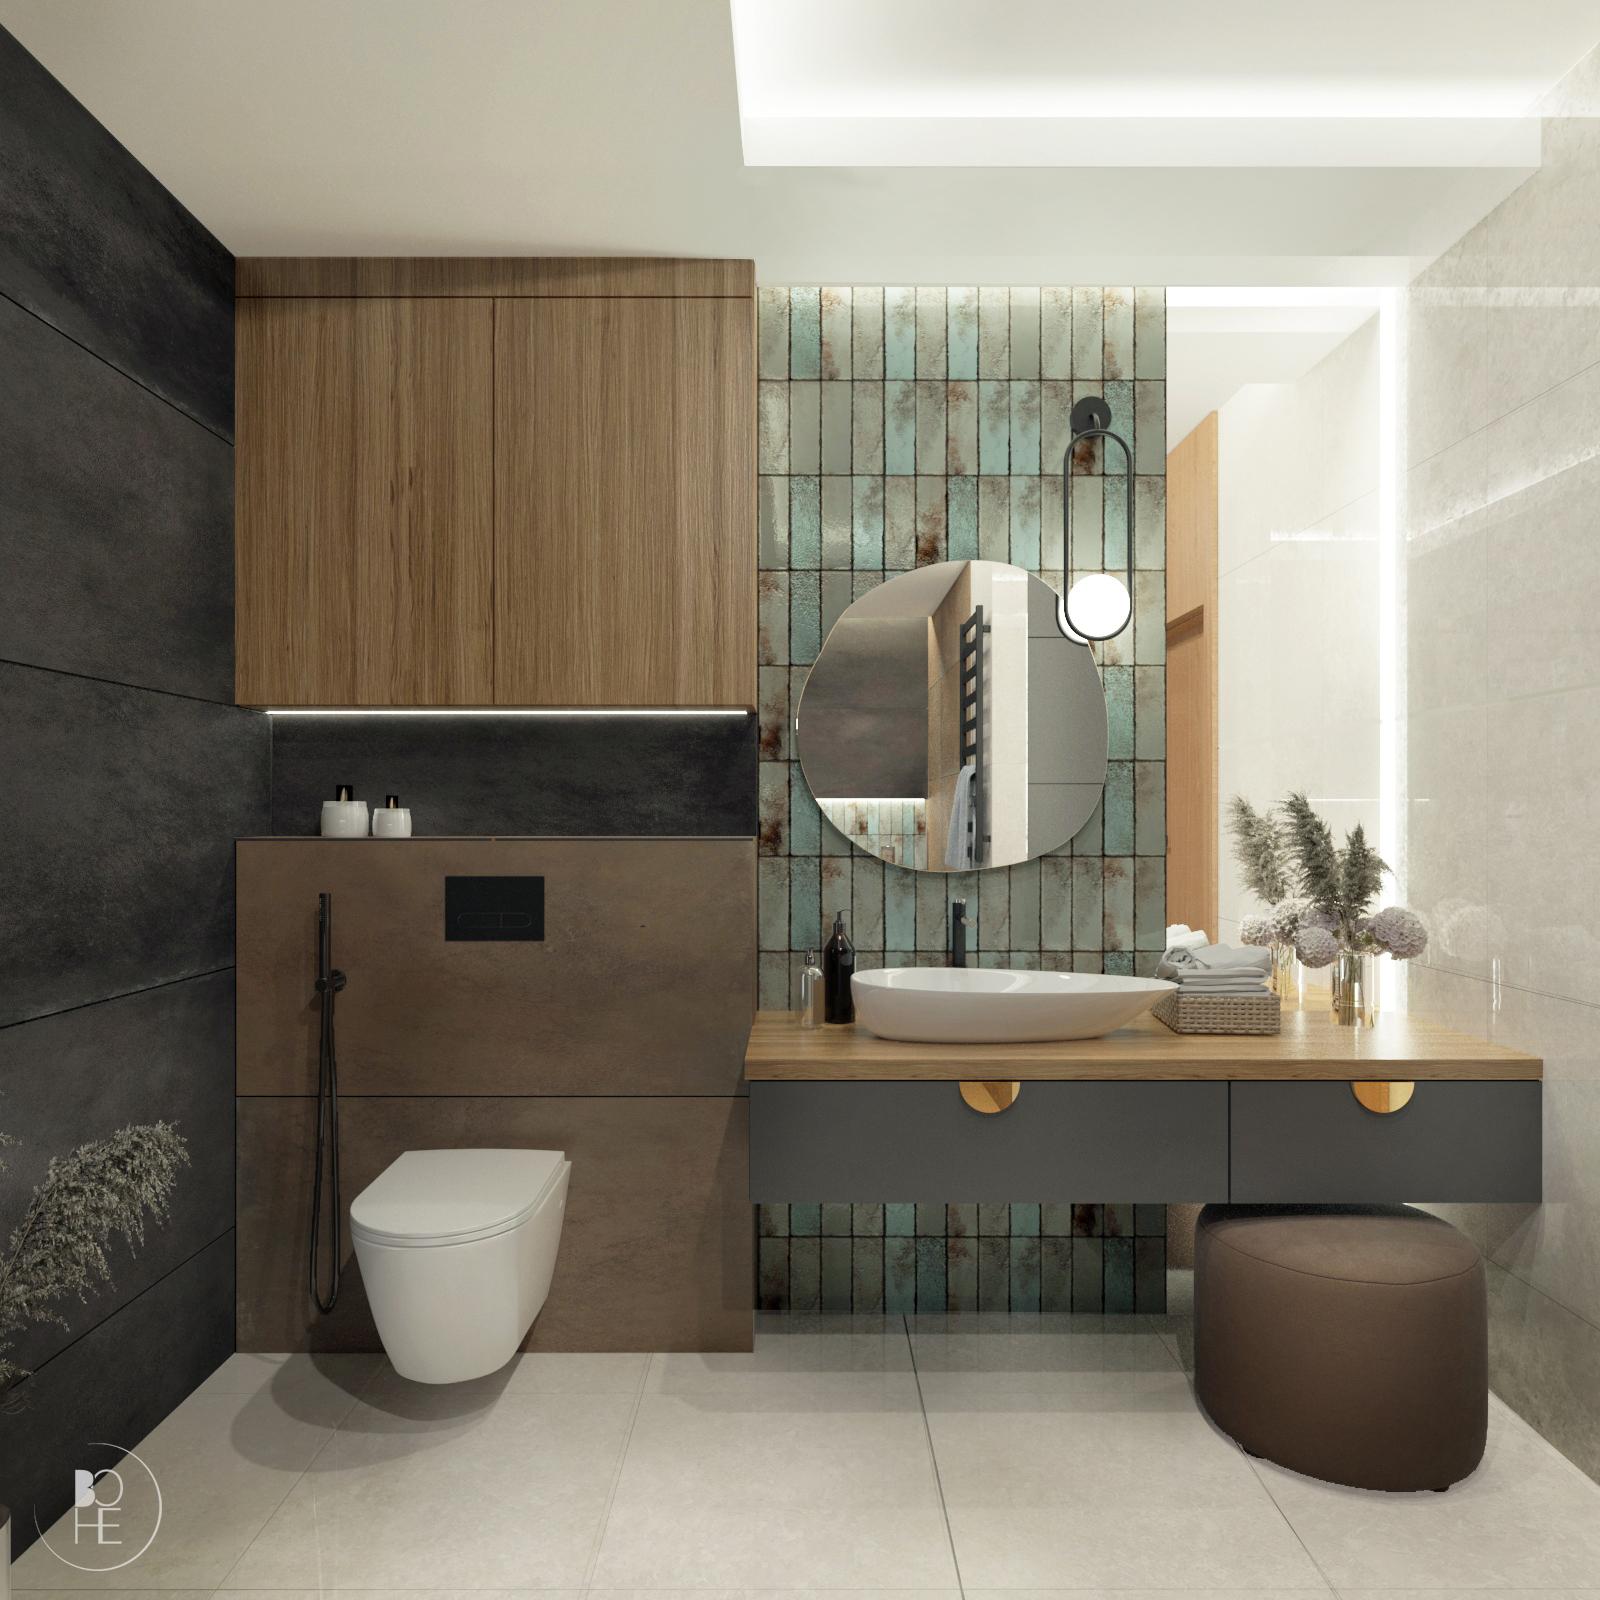 nowoczesna łazienka domowa strefa relaksu w ziemistych kolorach warszawa kraków gdańsk poznań architekt białystok 2